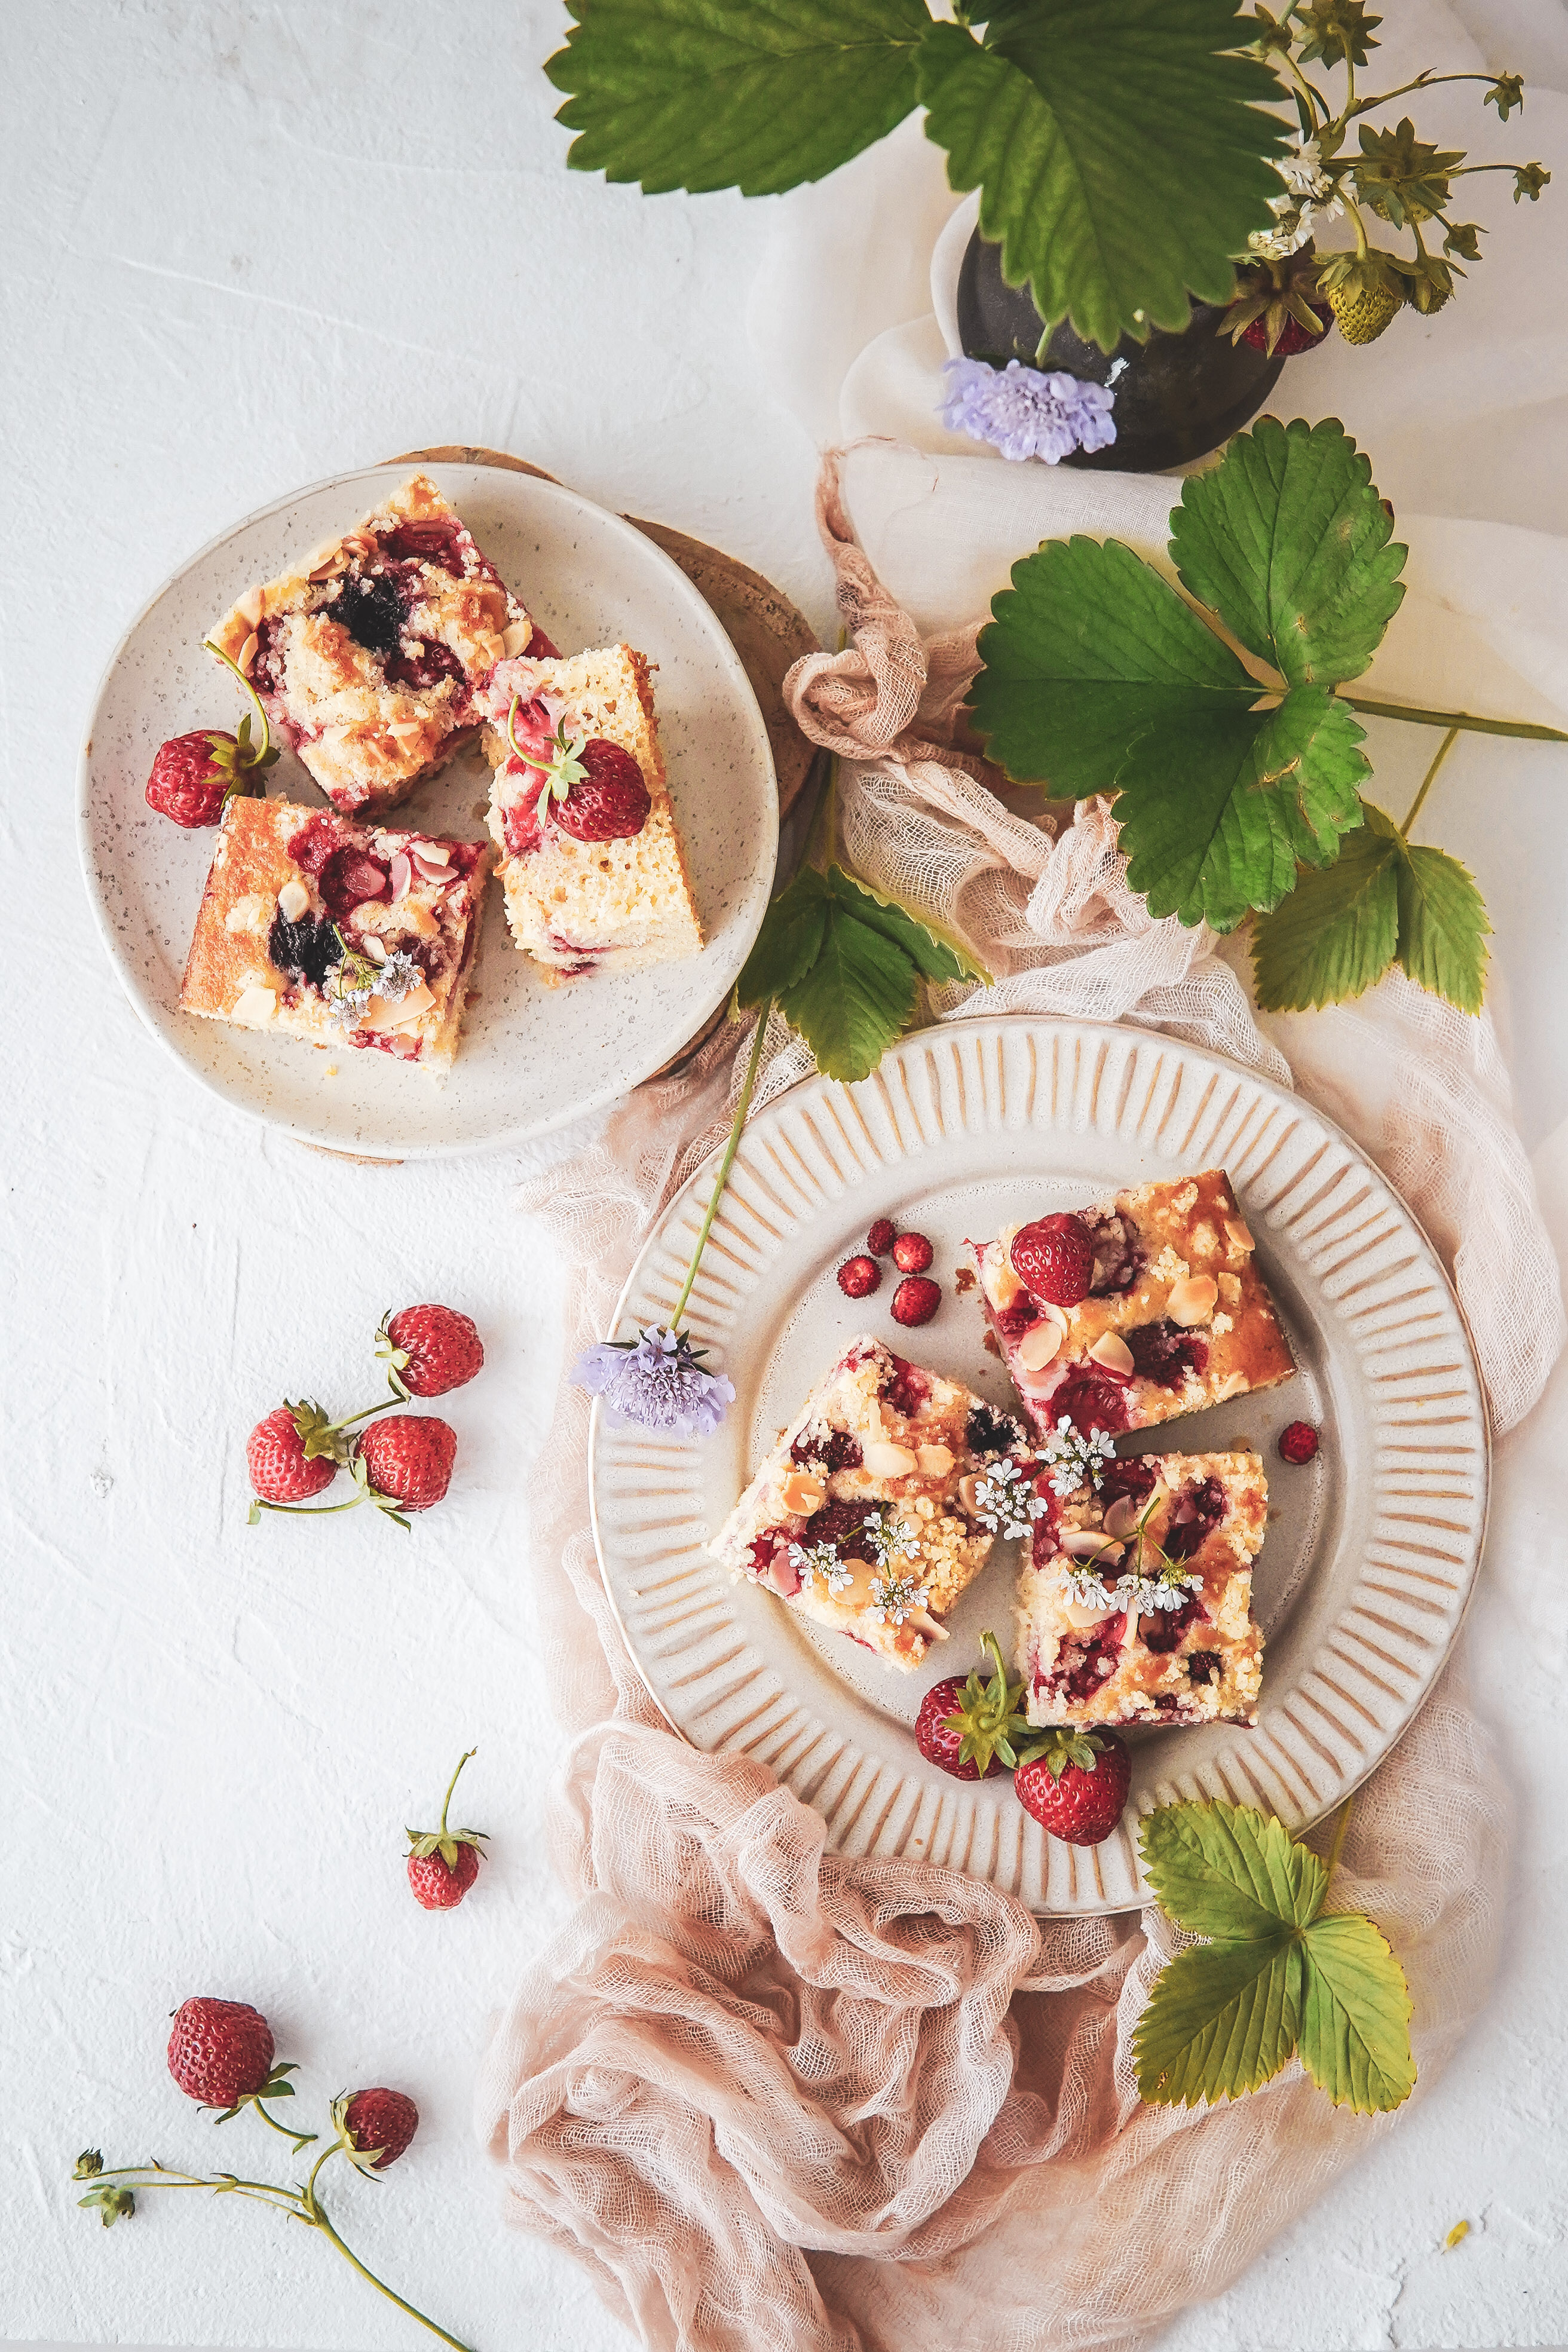 strawberry pound piskotovy kolac s jahodami photography